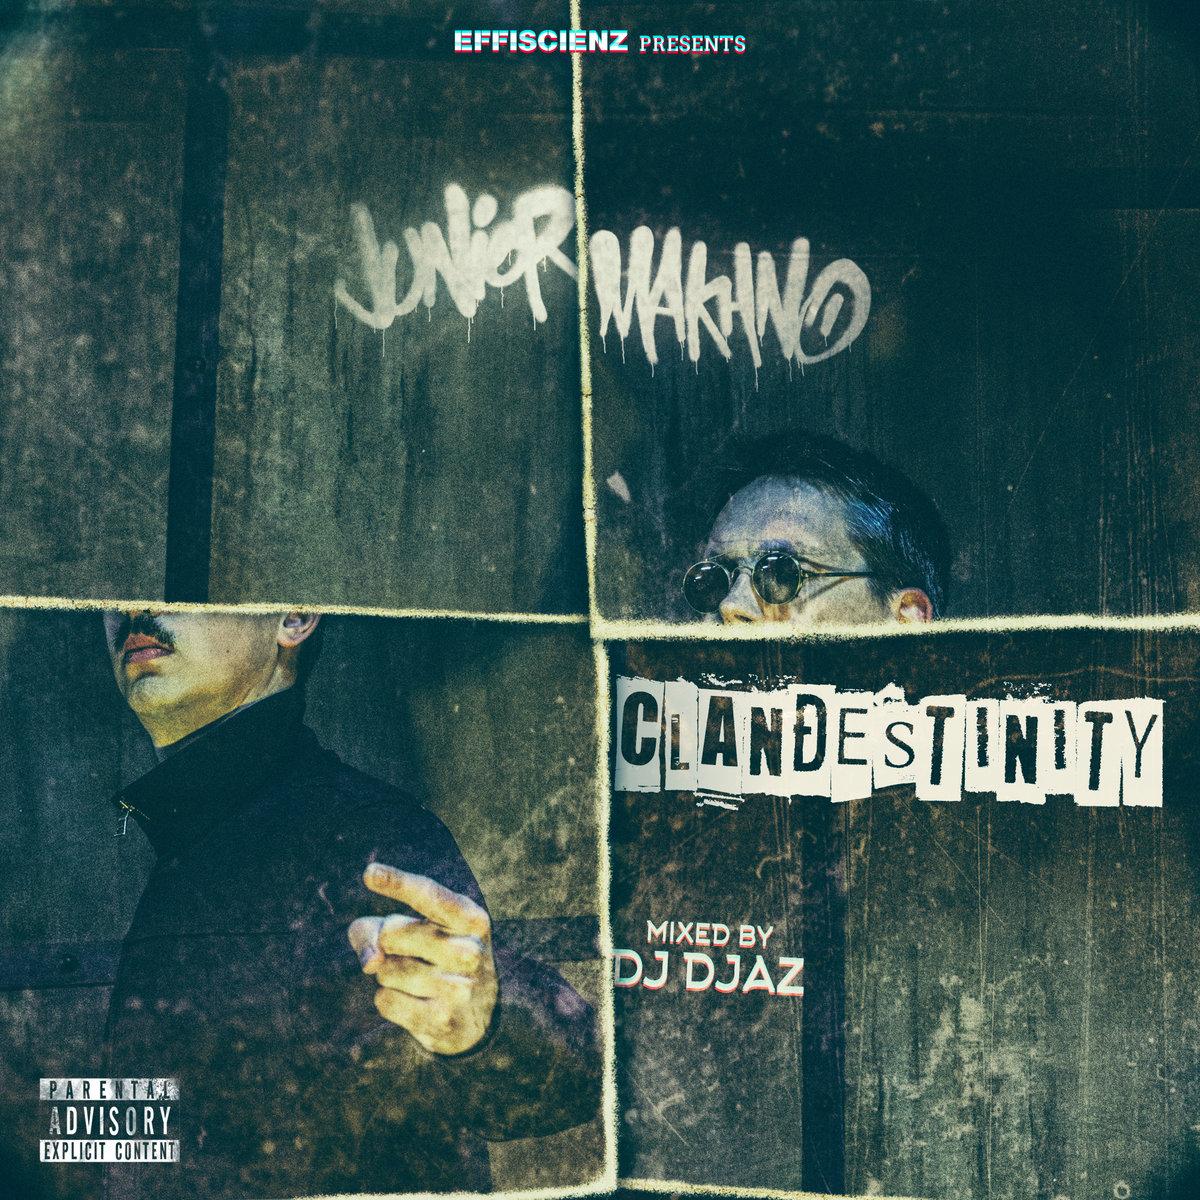 Junior Makhno – Clandestinity